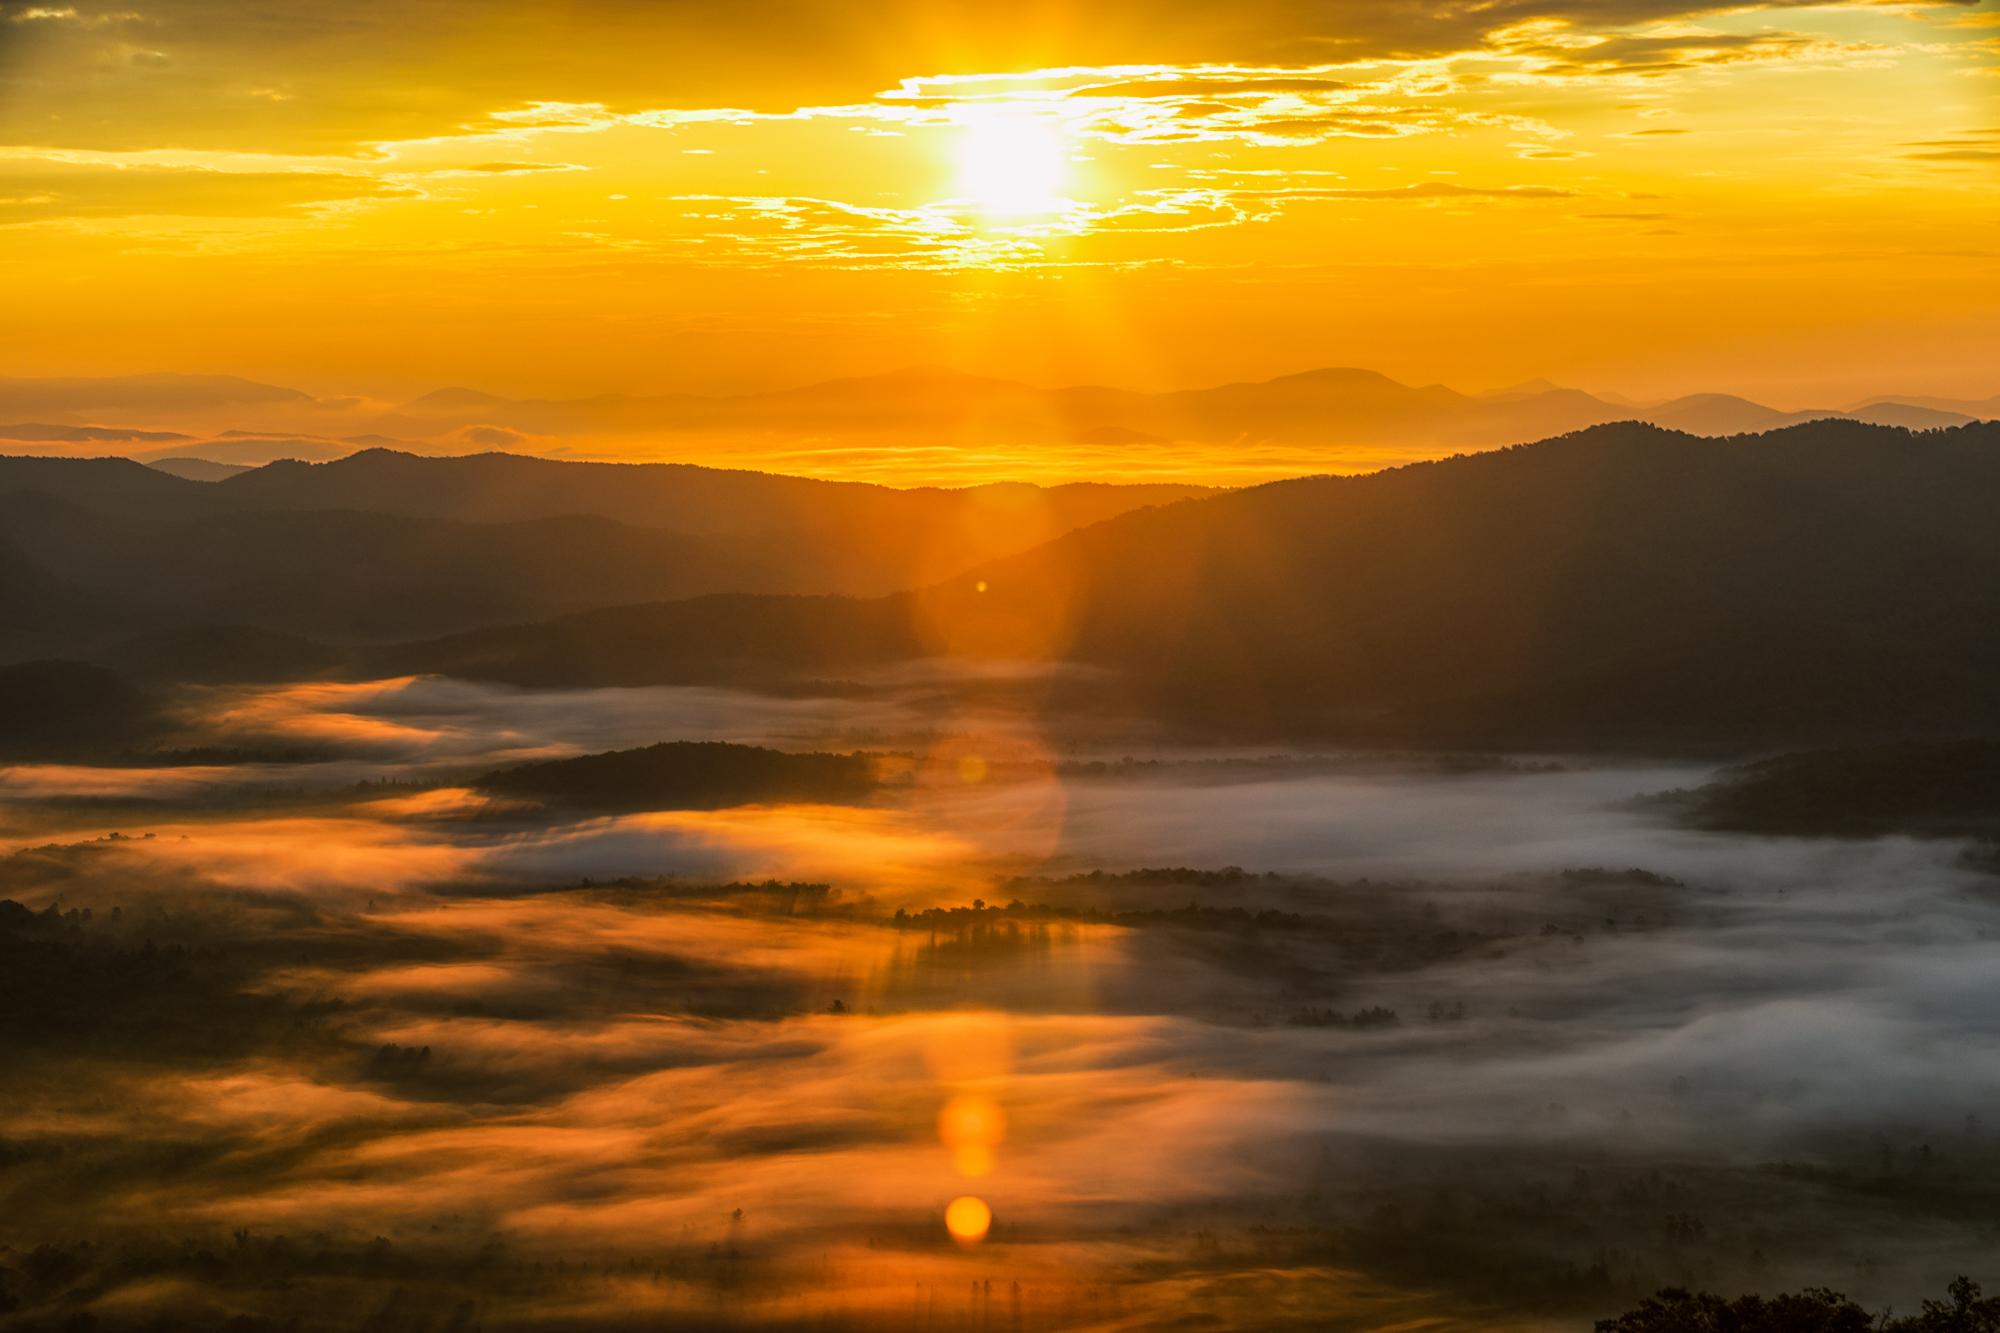 blog post image: sunrise